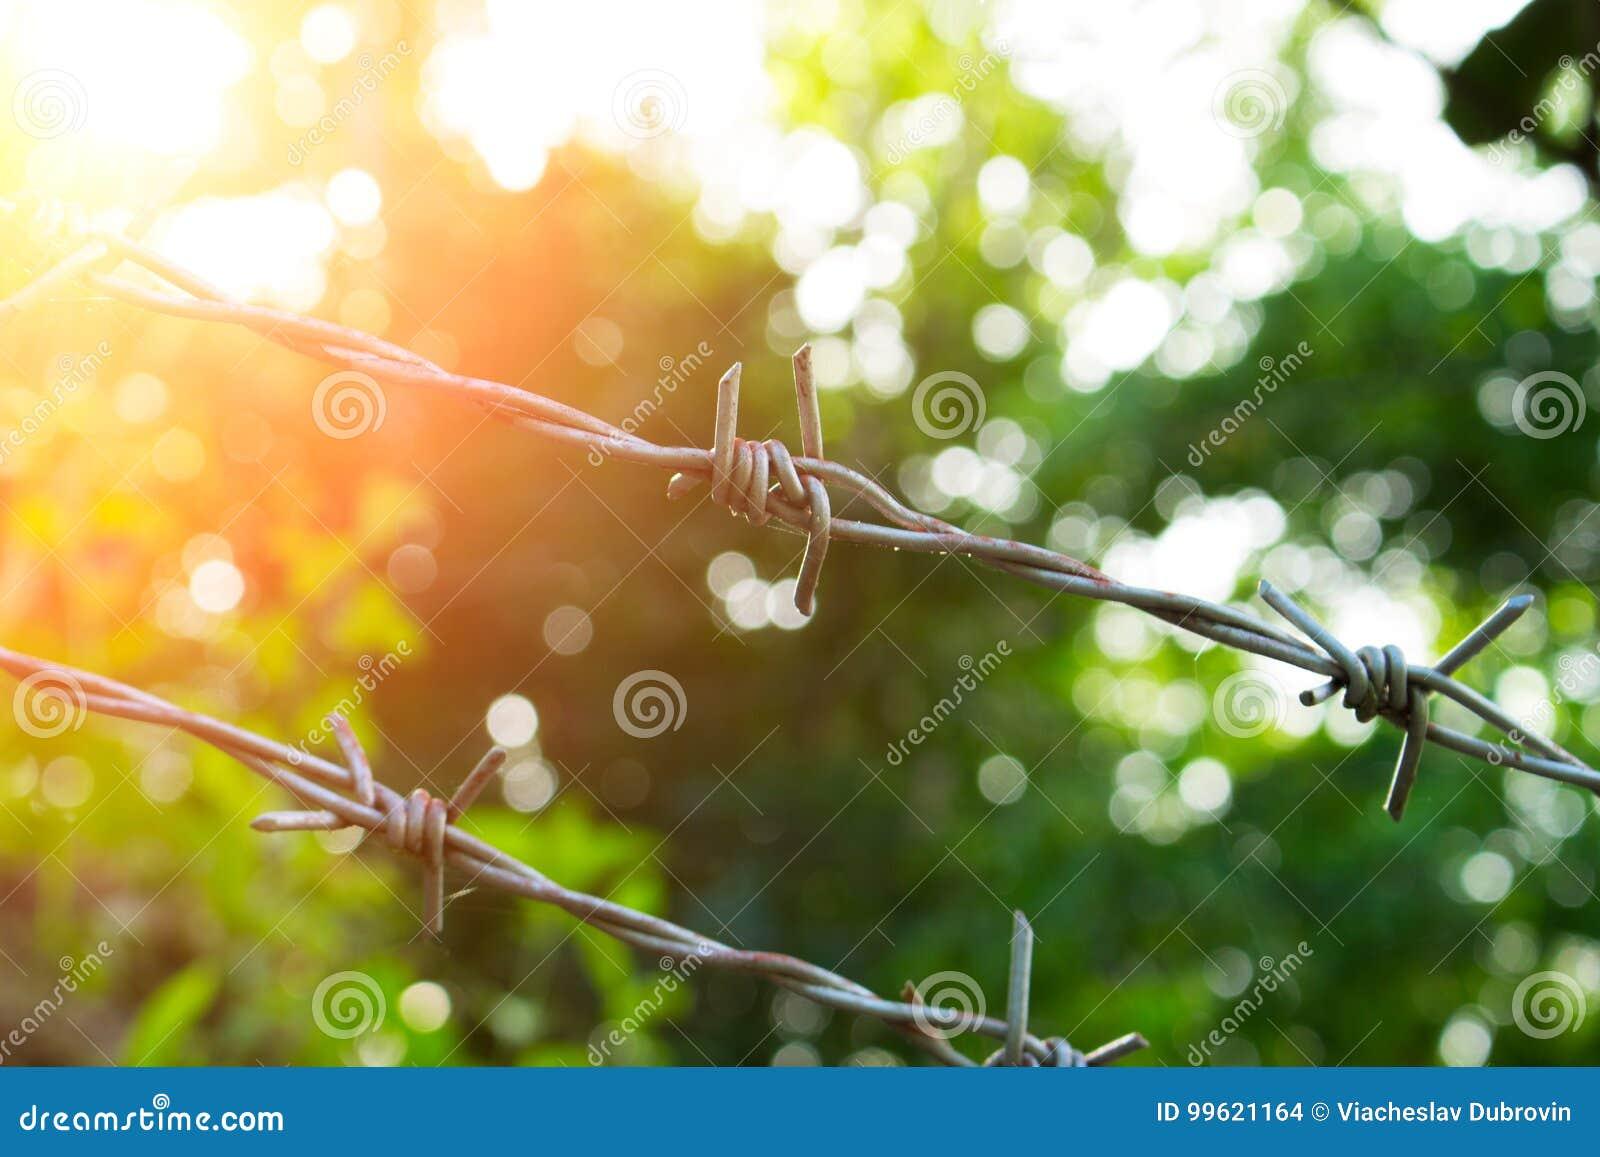 Alambre de púas en día soleado Naturaleza soleada detrás del barbwire Cerca protectora alrededor del jardín tropical